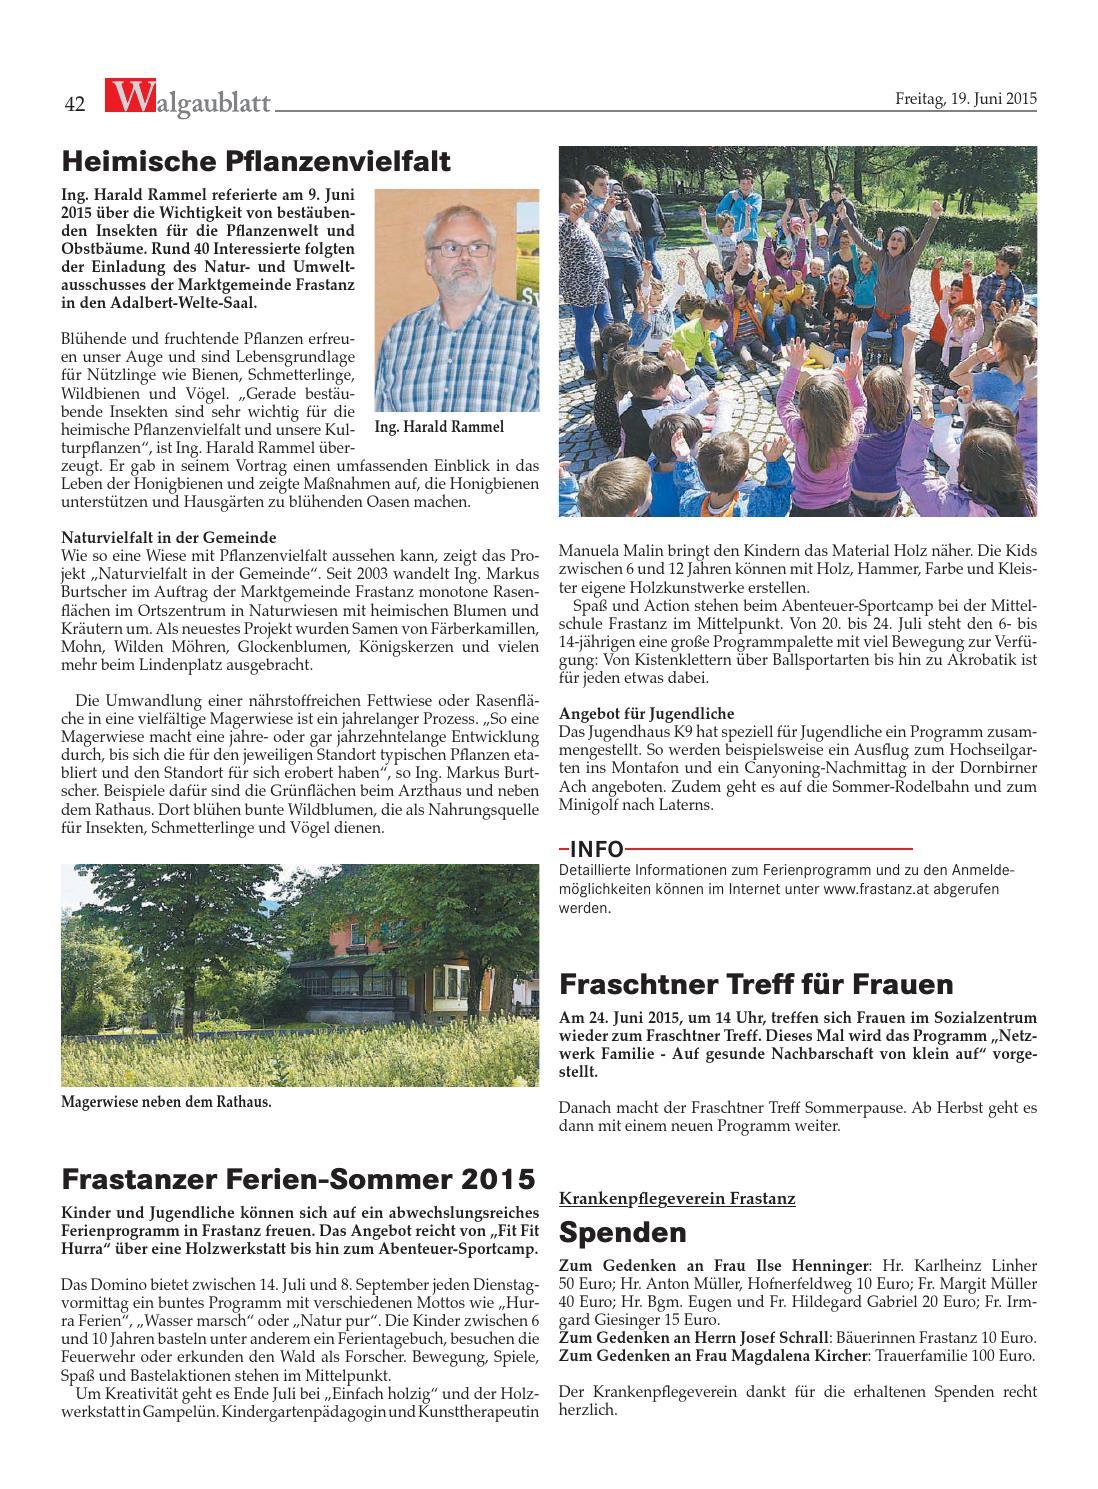 News: Archiv: Marktgemeinde Frastanz